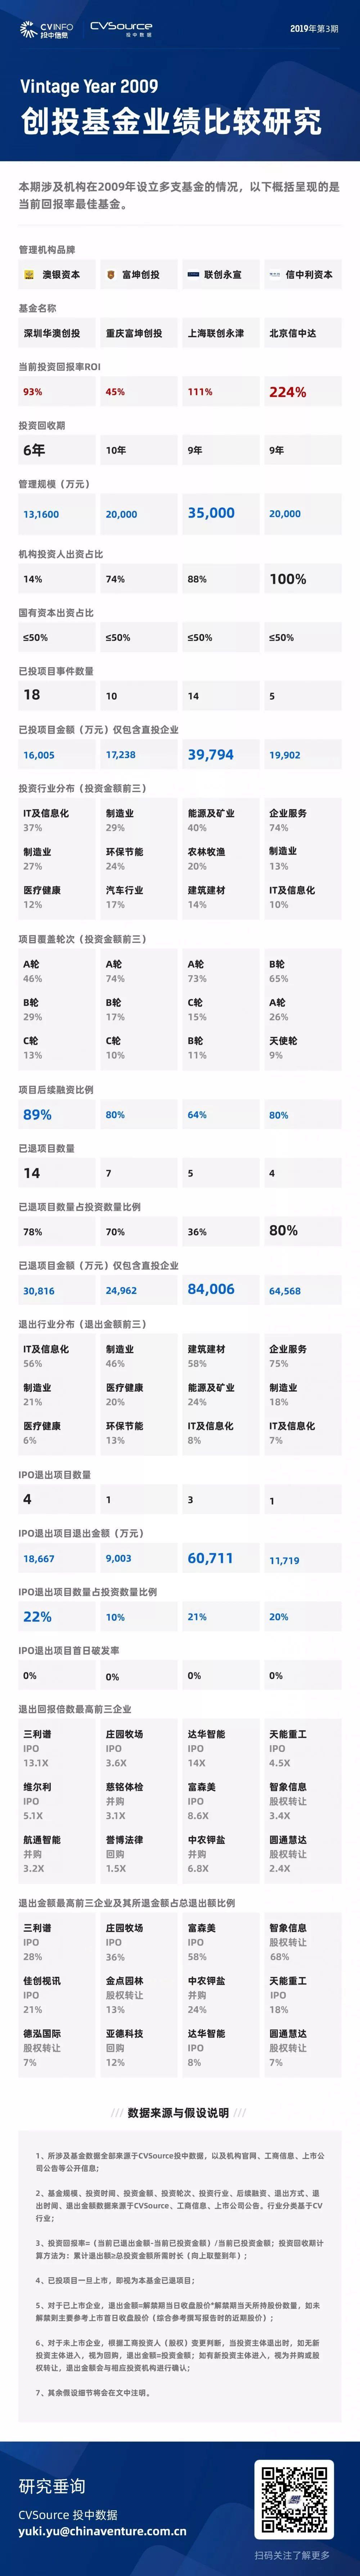 澳银x富坤x联创永宣x信中利 | 基金业绩比较